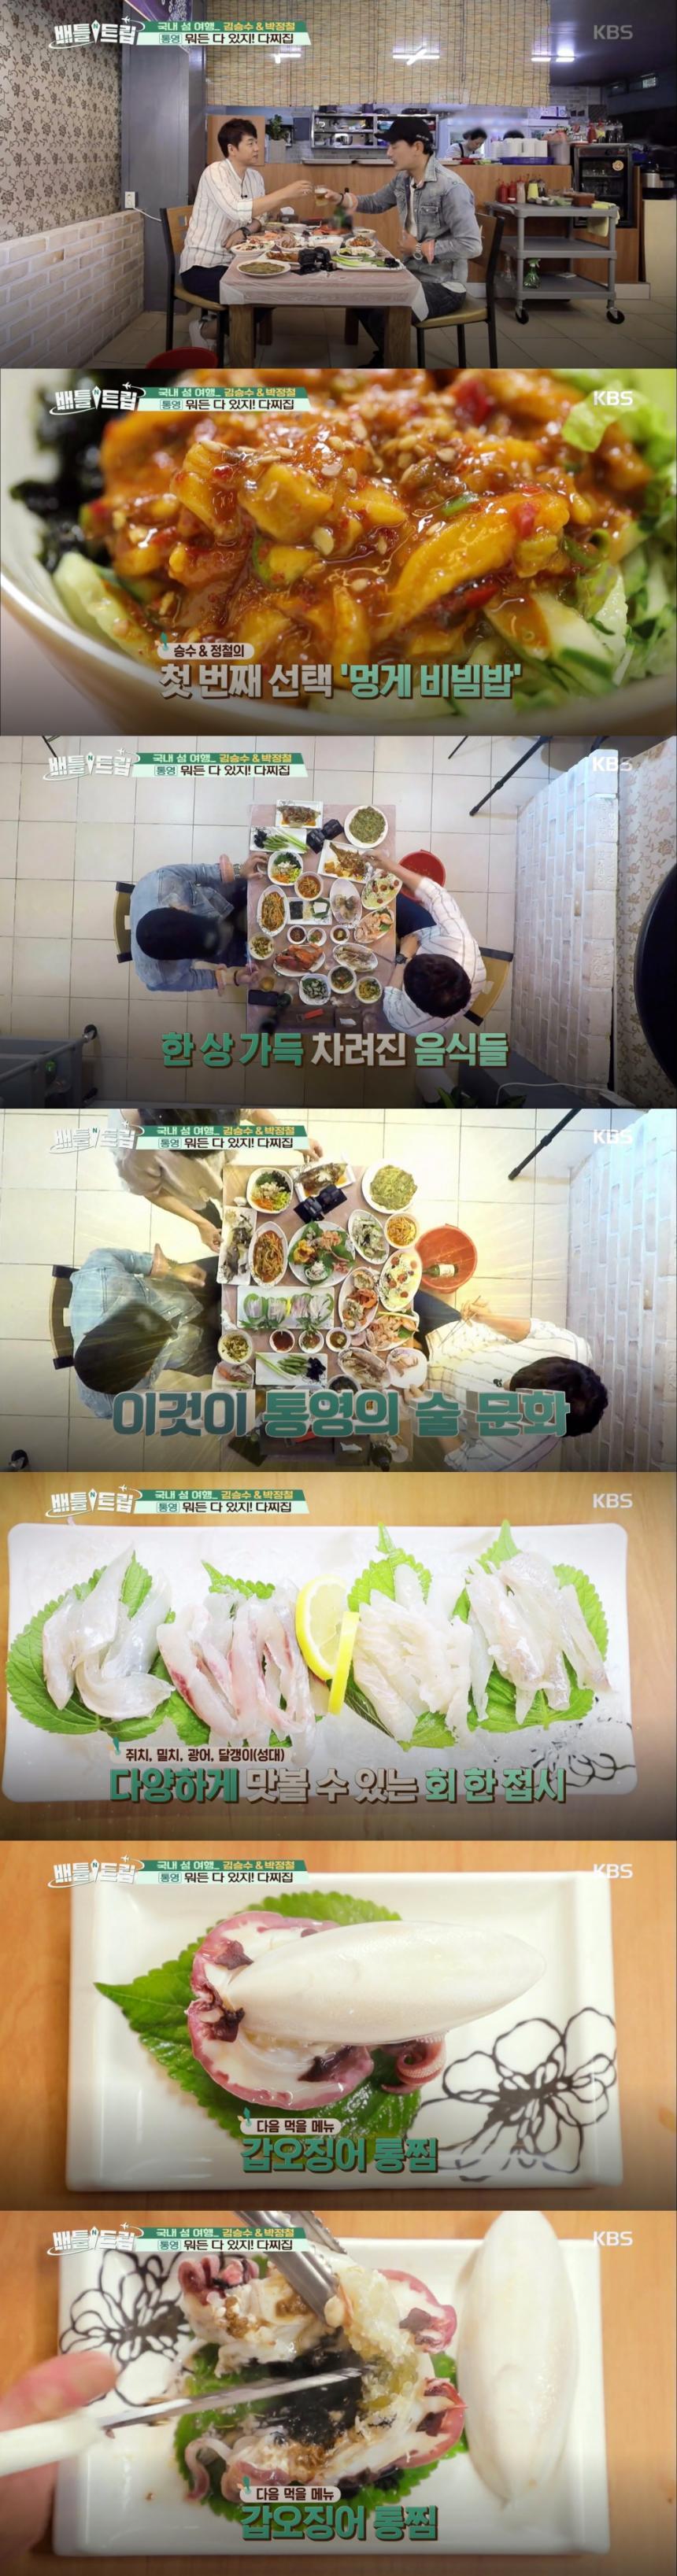 통영 다찌집 / KBS2 '배틀트립' 방송 캡처